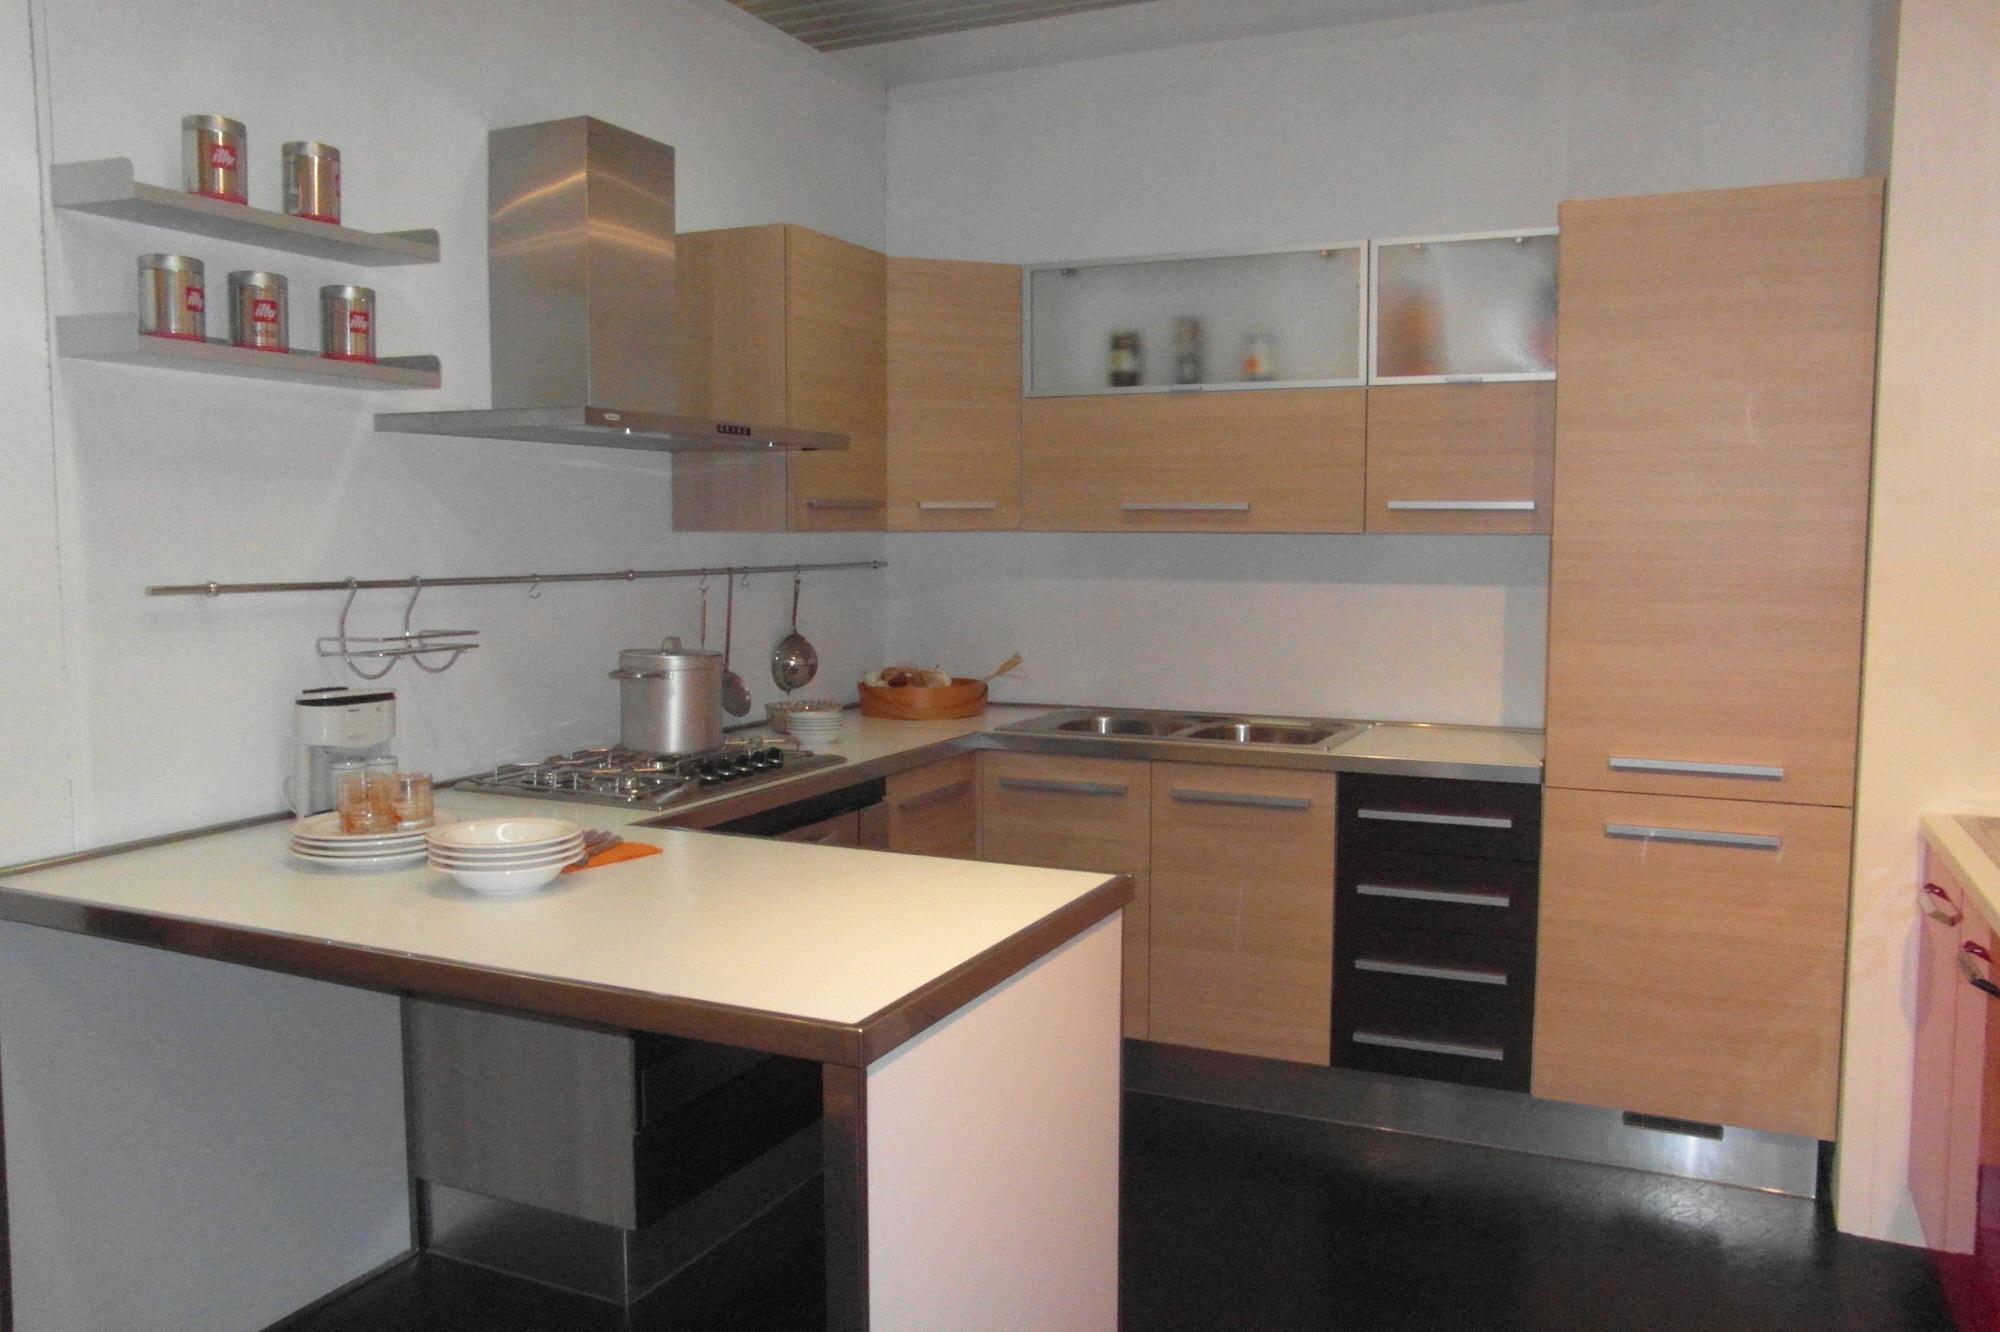 Cucina eden moderna legno rovere chiaro scontato 52 cucine a prezzi scontati - Cucine in rovere ...